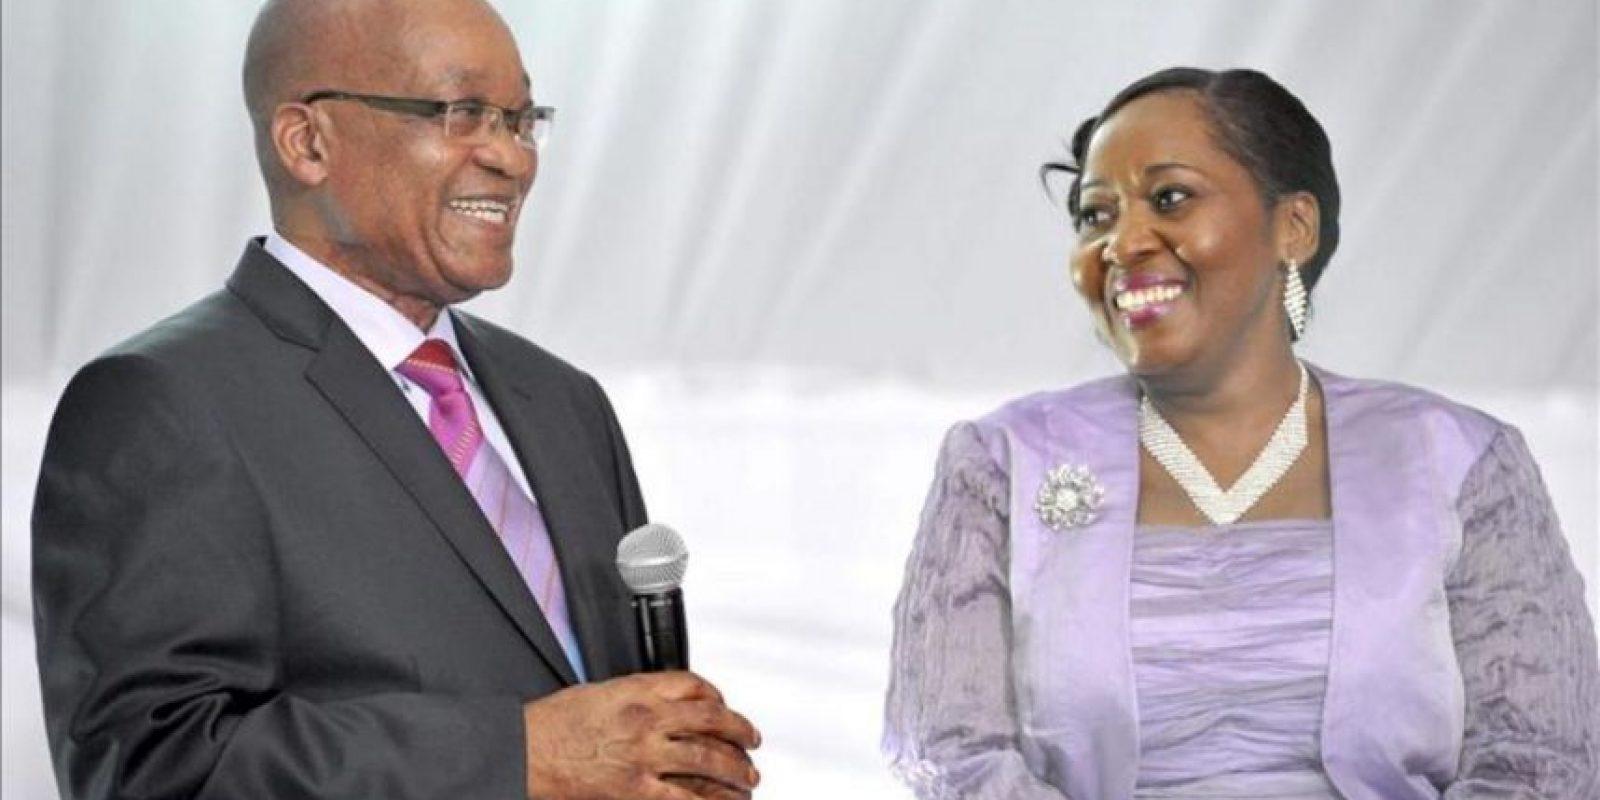 Fotografía facilitada por la oficina de prensa del Gobierno sudafricano (GCIS) del presidente sudafricano, Jacob Zuma (izq), y de su nueva esposa Bongi Ngema (dcha), durante la recepción celebrada tras la boda tradicional celebrada hoy en su localidad natal Kwanzamala (Sudáfrica). EFE